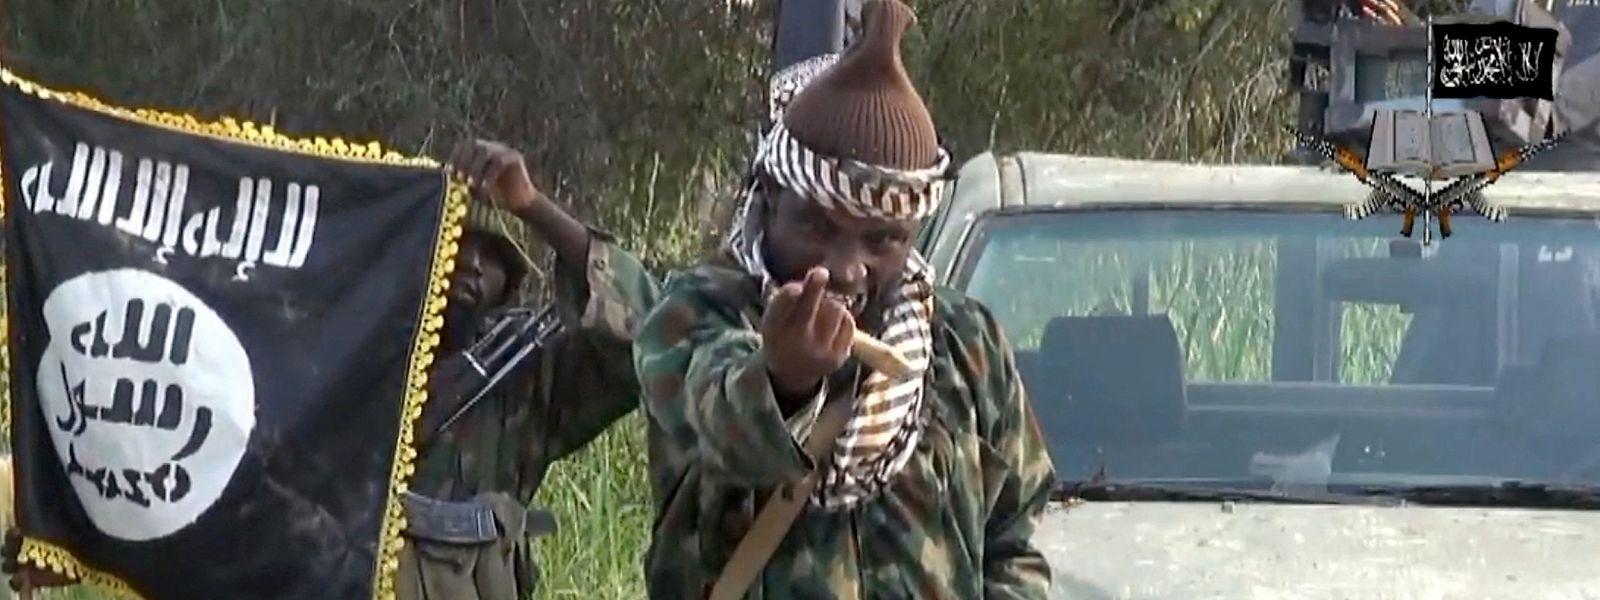 Gerüchten zufolge sprengte sich der Terrorführer selbst in die Luft.